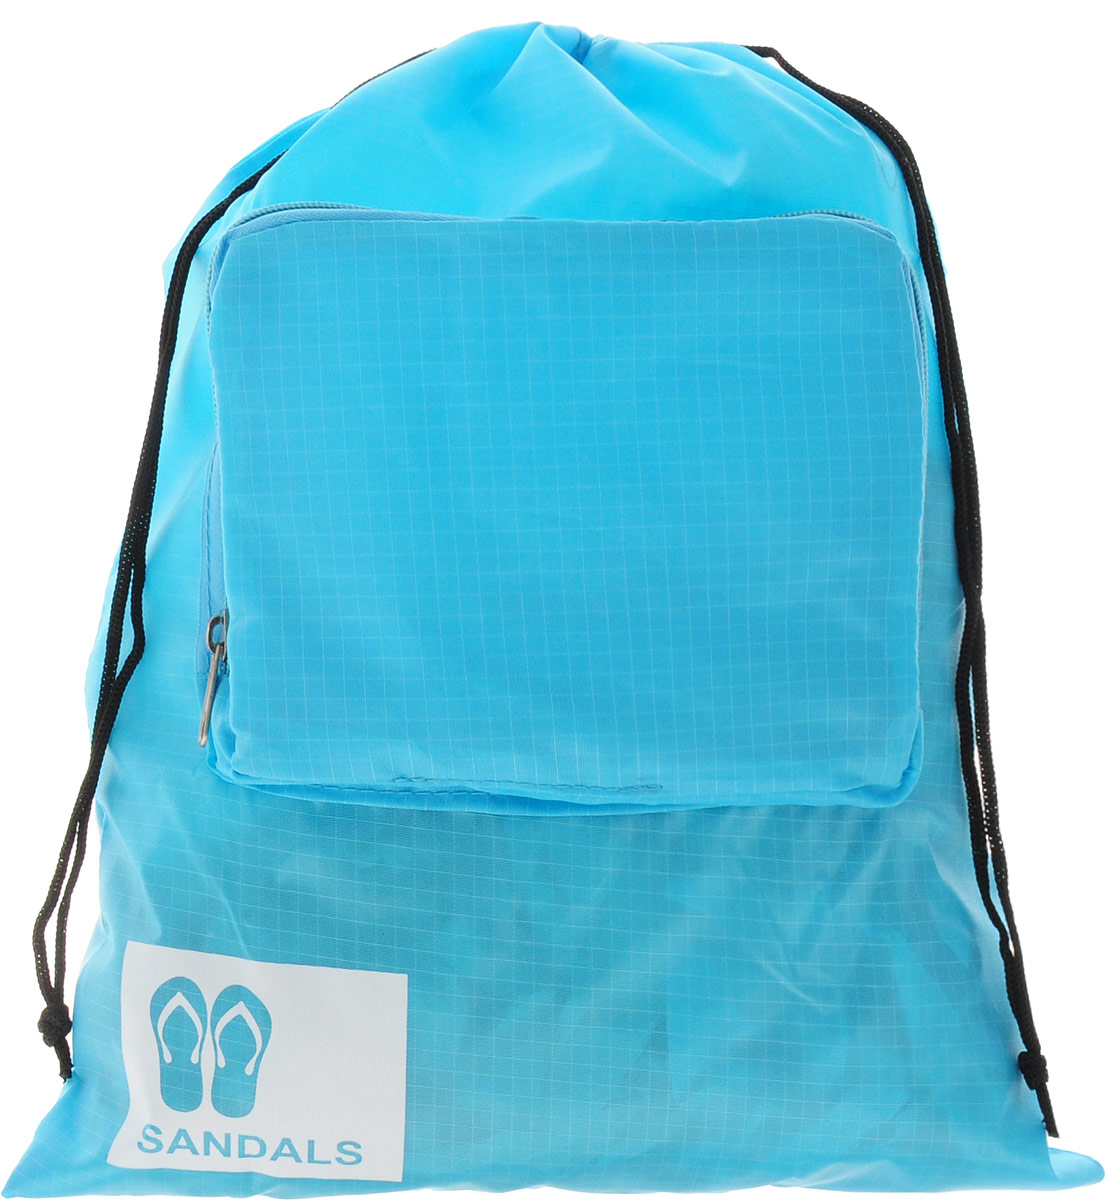 Colibri Чехол для обуви, цвет: голубой, 39 х 31 смJBB104 (BLUE)Чехол для обуви Colibri выполнен из 100% полиэстера. Изделие снабжено затягивающимся шнурком на кулиске. Спереди расположен небольшой накладной кармашек на молнии. Чехол предназначен для хранения и транспортировки обуви, благодаря небольшим размерам не займет много места у вас в чемодане. Кроме того, он легко и компактно складывается. Размер (в сложенном виде): 18 х 14 х 2 см. Размер (в разложенном виде): 39 х 31 см.